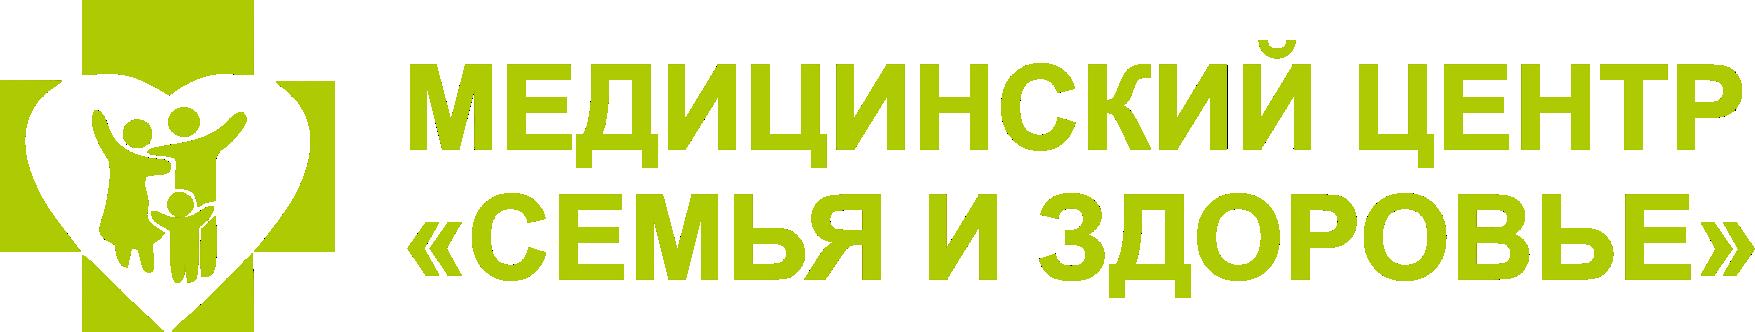 """Медицинский центр """"СЕМЬЯ И ЗДОРОВЬЕ"""" в Речице"""